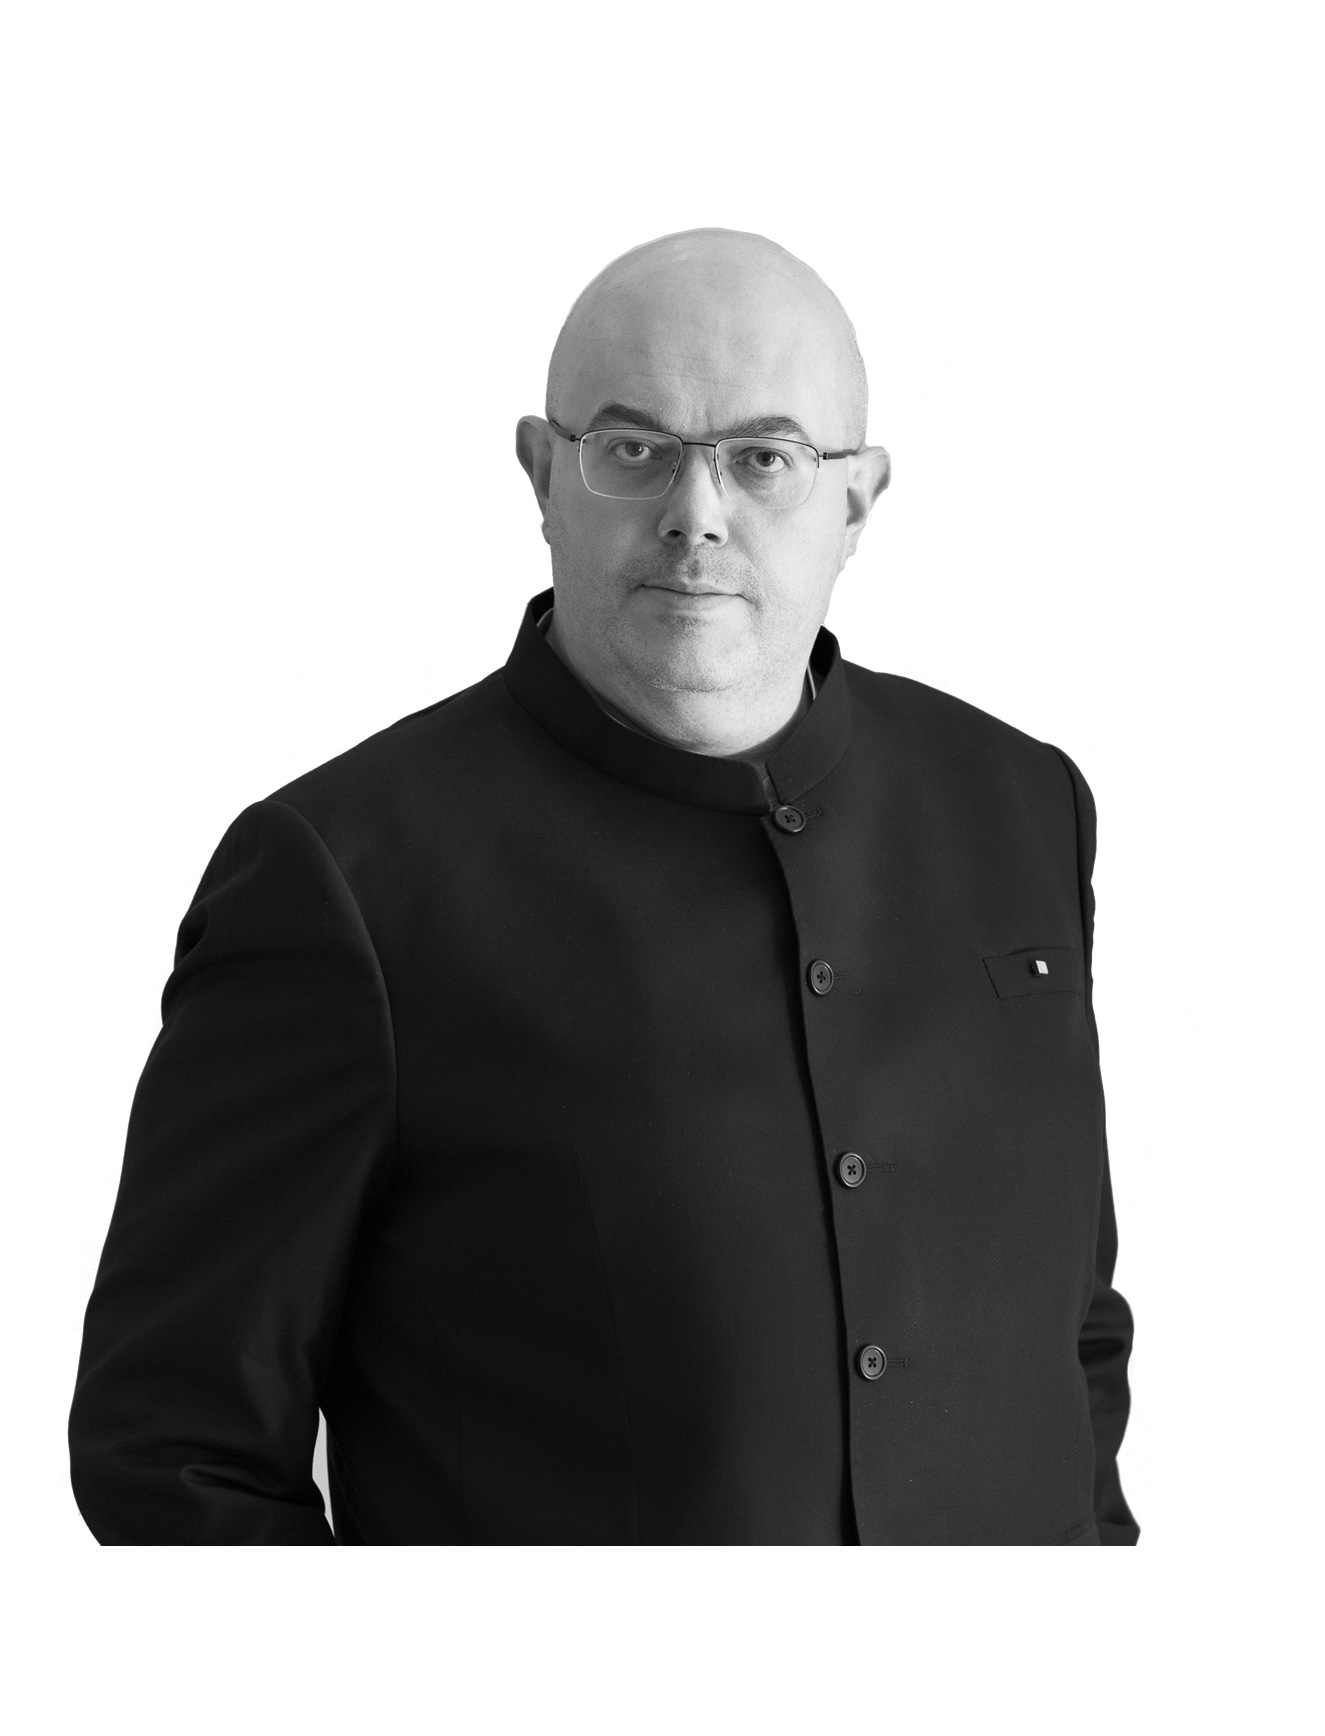 רוברטו גילארדינו